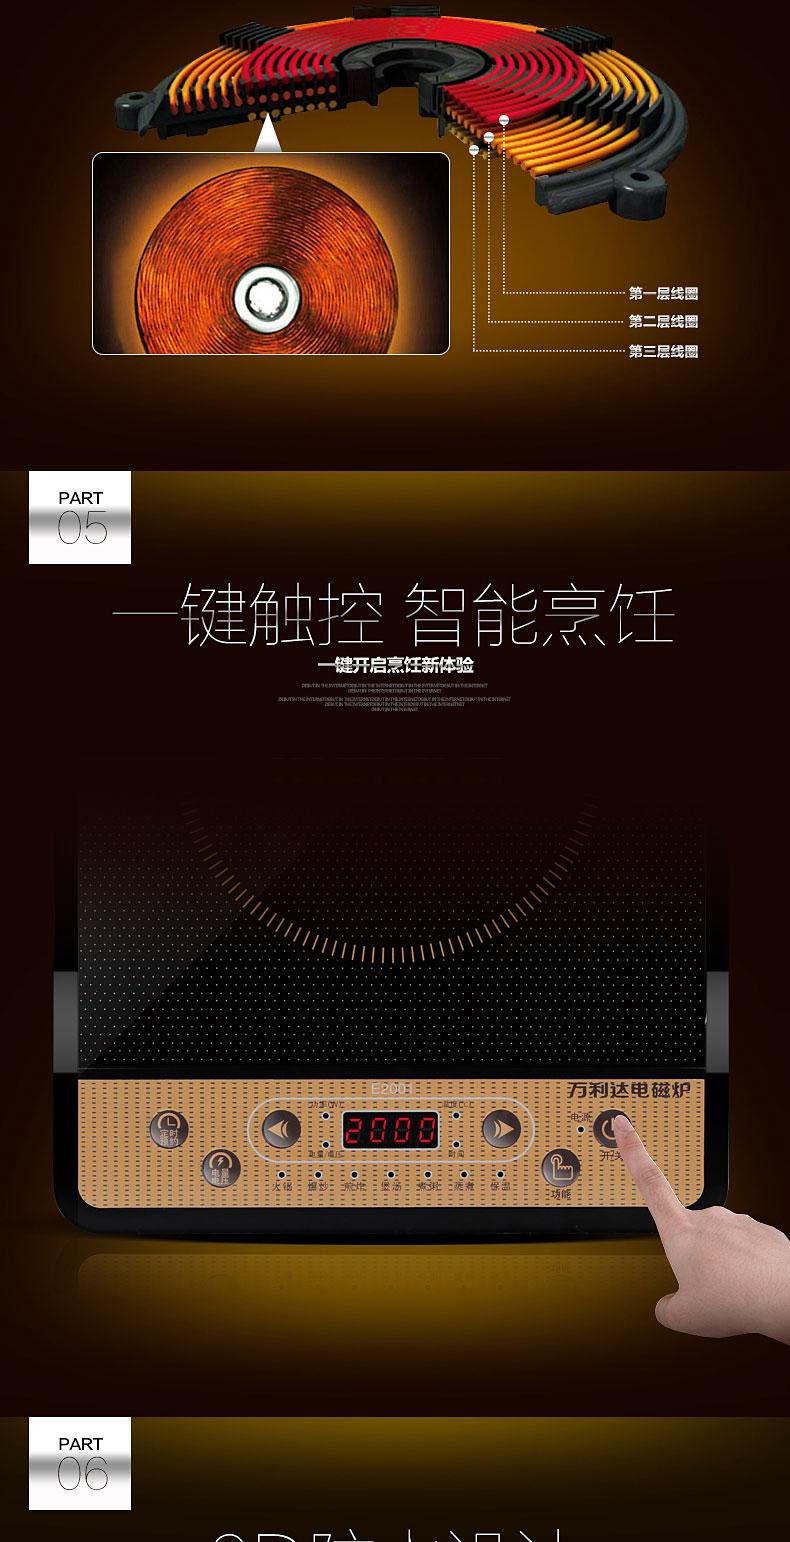 万利达(malata)电磁炉 e2001可火锅电磁炉超薄触摸屏